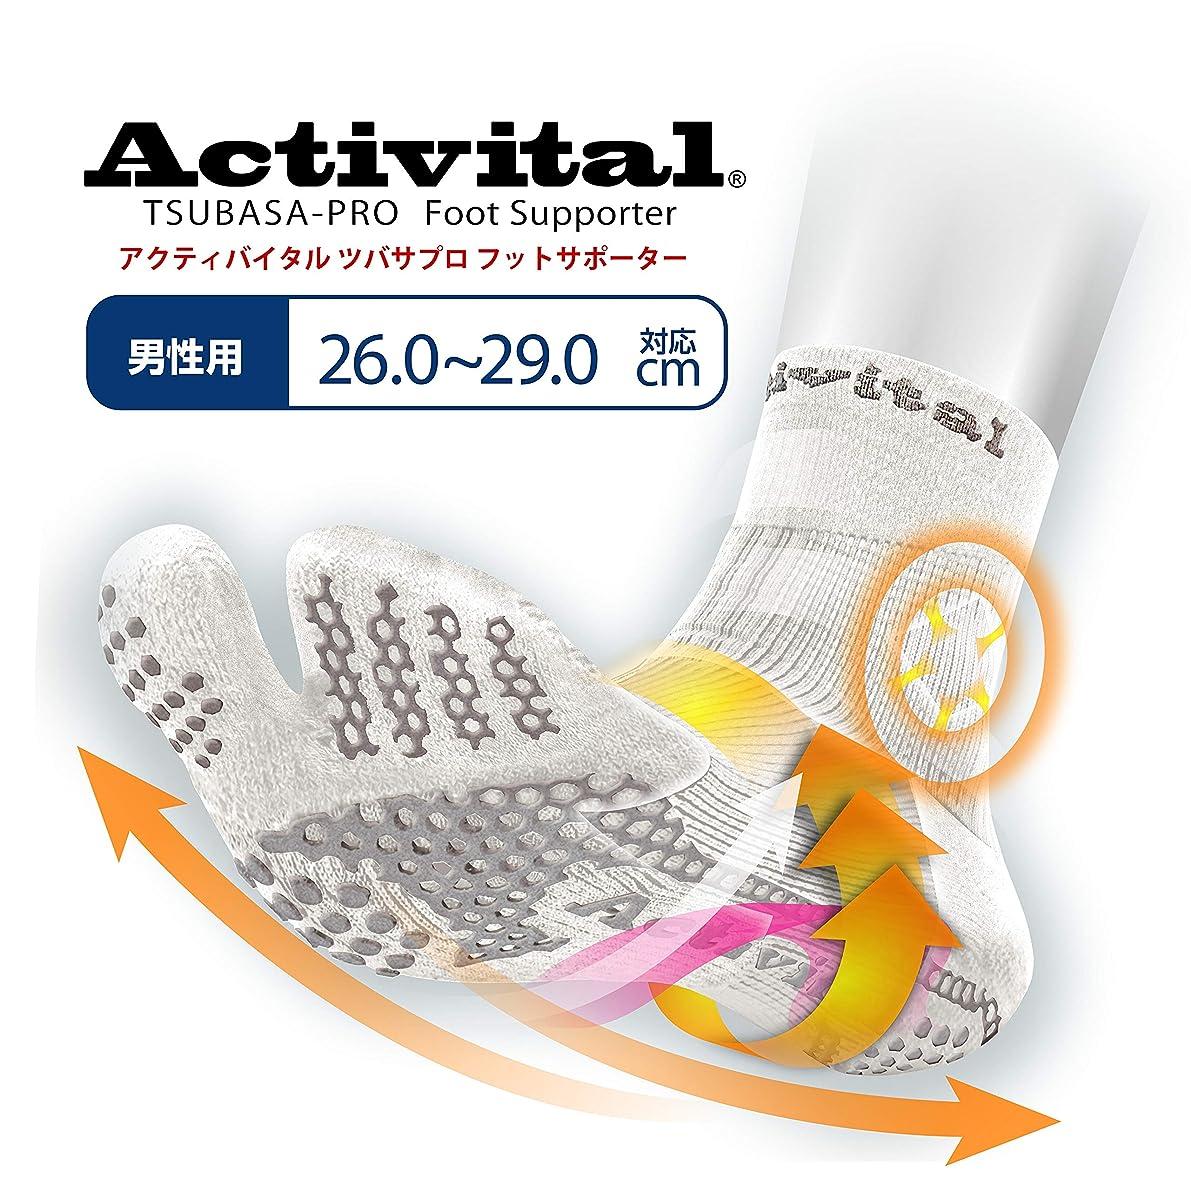 サイレン油解き明かすActivital アクティバイタル ツバサプロ フットサポーター メンズ ホワイト26~29cm